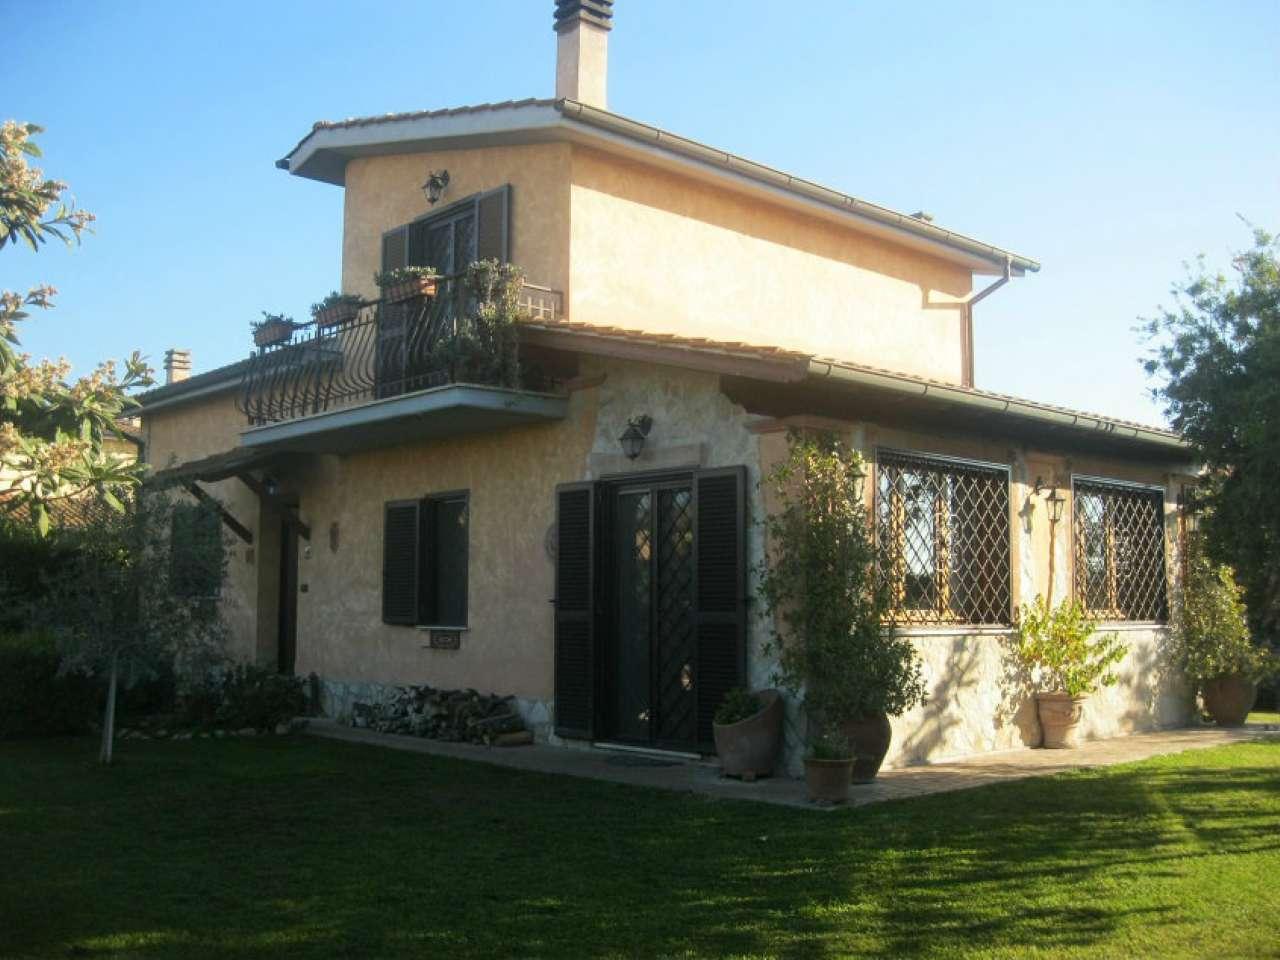 Villa in vendita a Capena, 3 locali, prezzo € 298.000 | CambioCasa.it